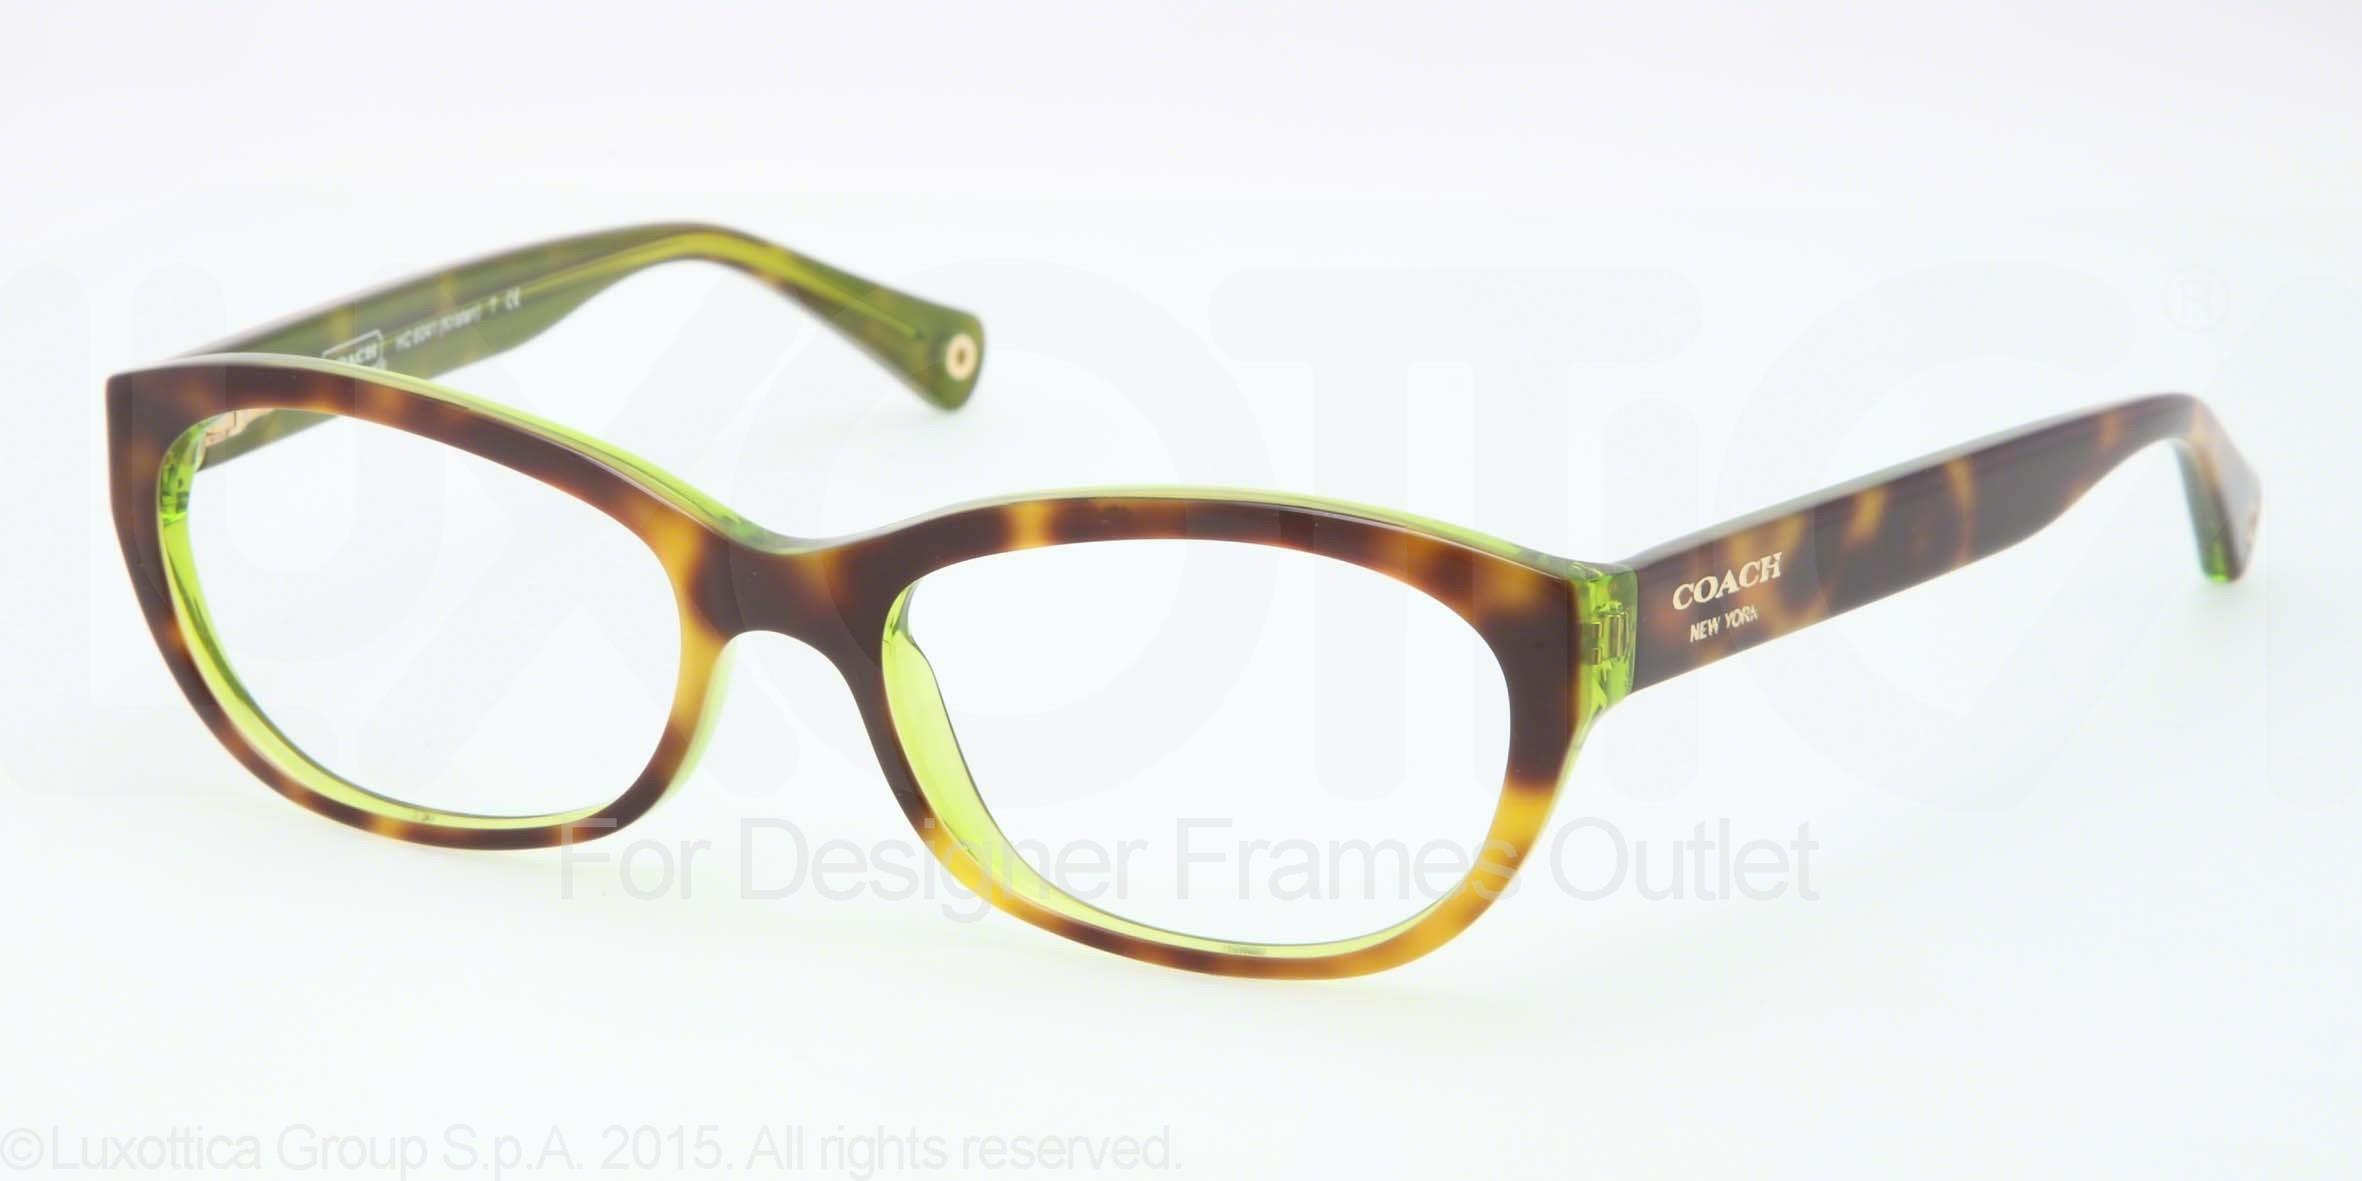 5117 Tortoise Green